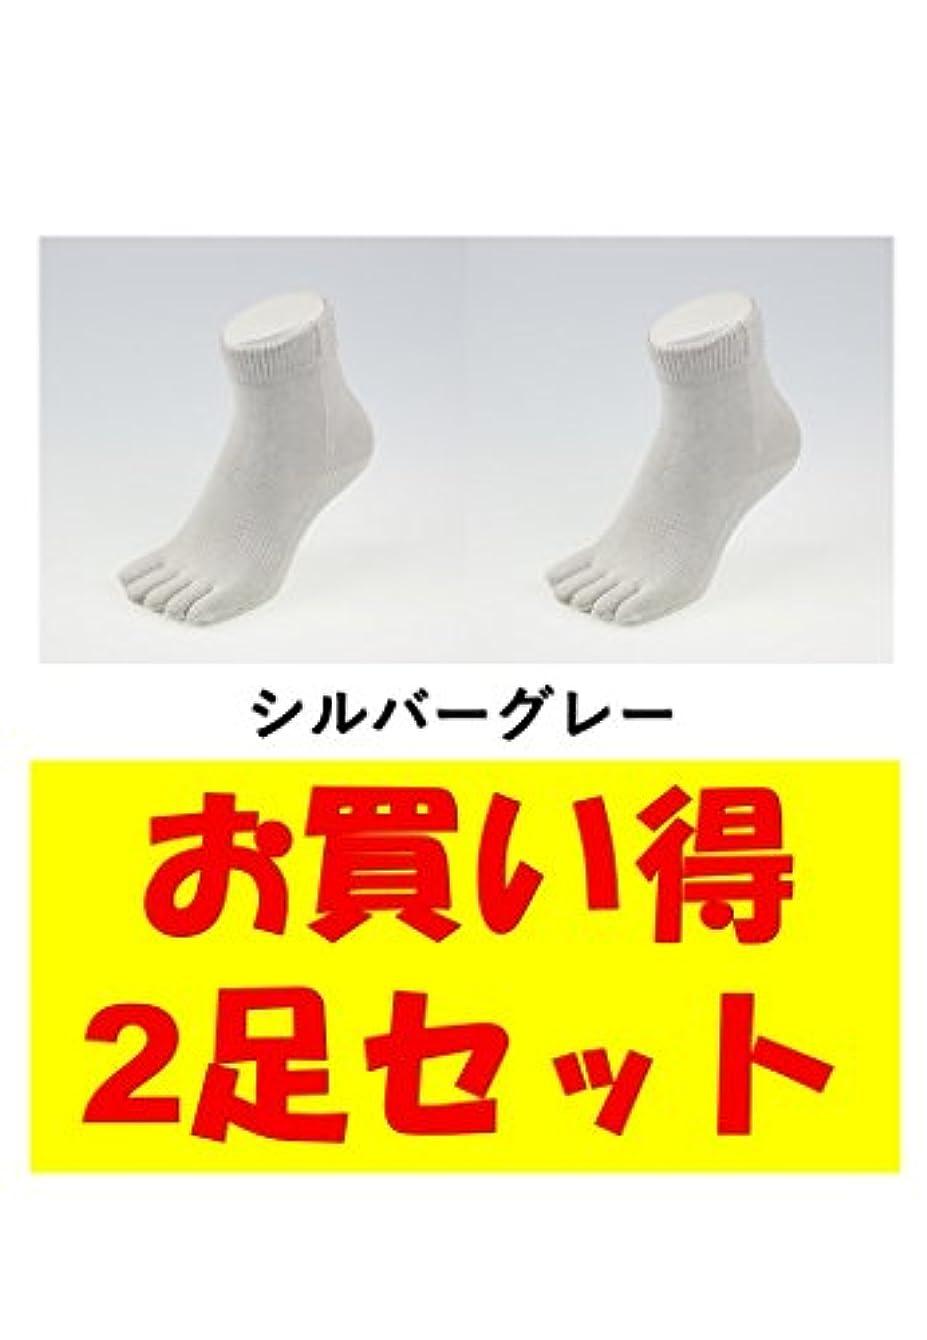 ヒットサンプル鷹お買い得2足セット 5本指 ゆびのばソックス Neo EVE(イヴ) シルバーグレー iサイズ(23.5cm - 25.5cm) YSNEVE-SGL